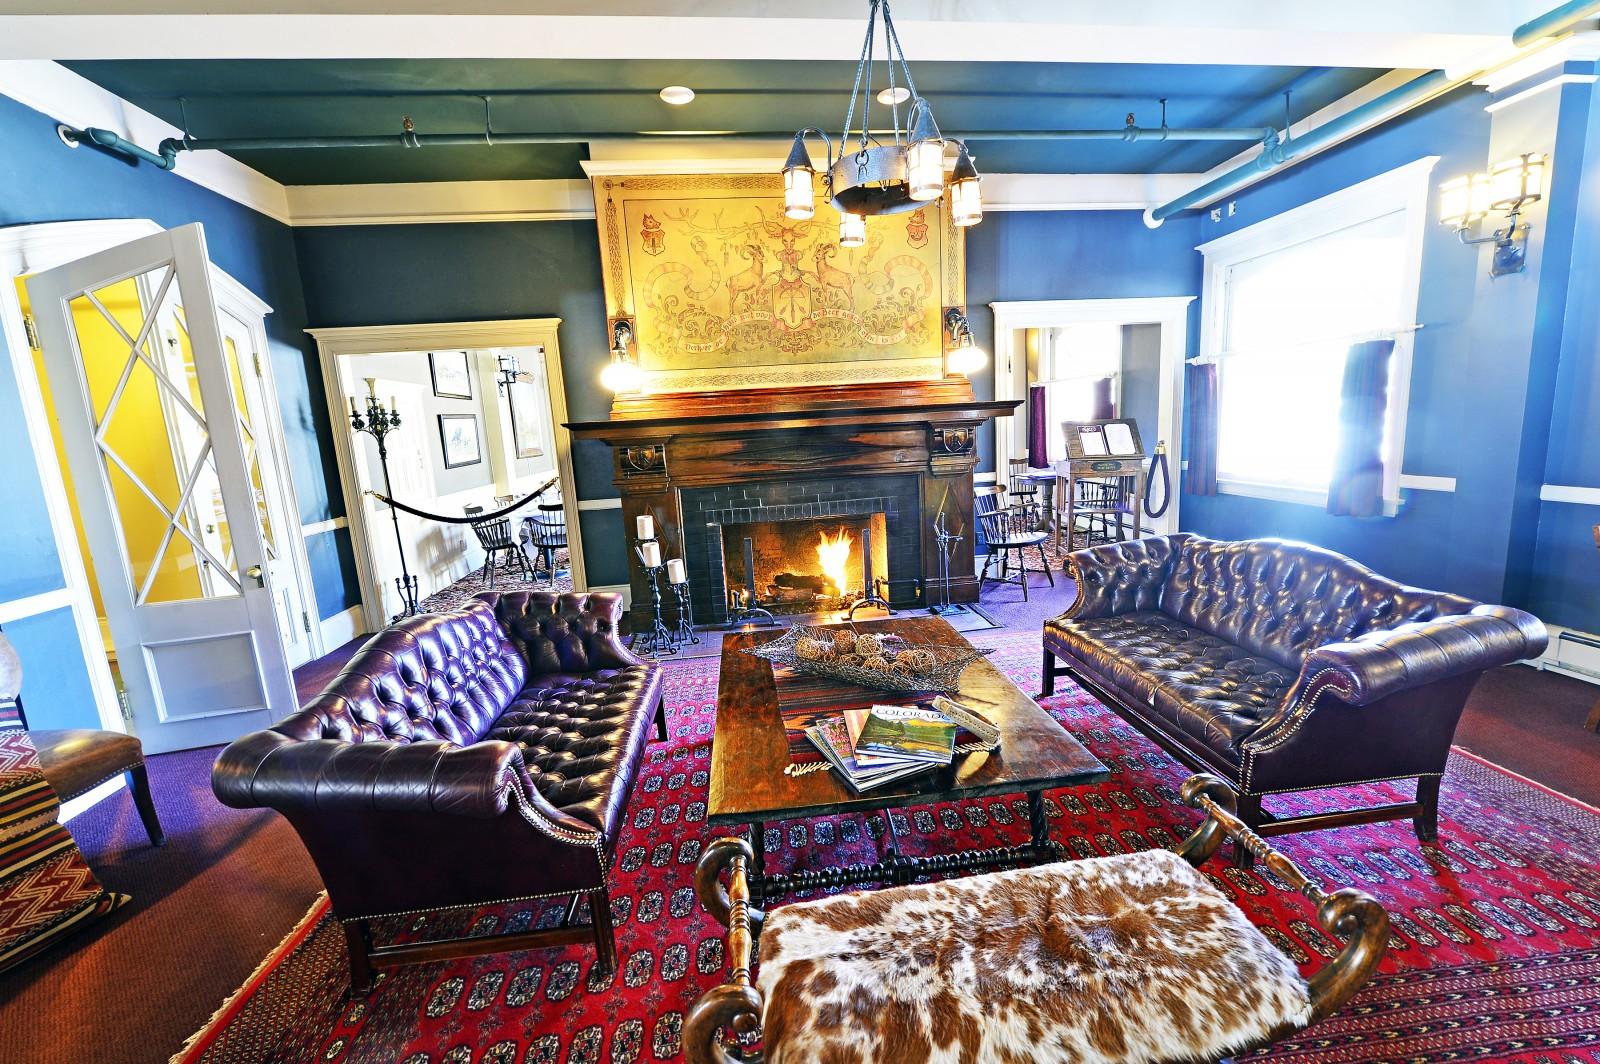 Redstone Inn Fireplace Commons Room